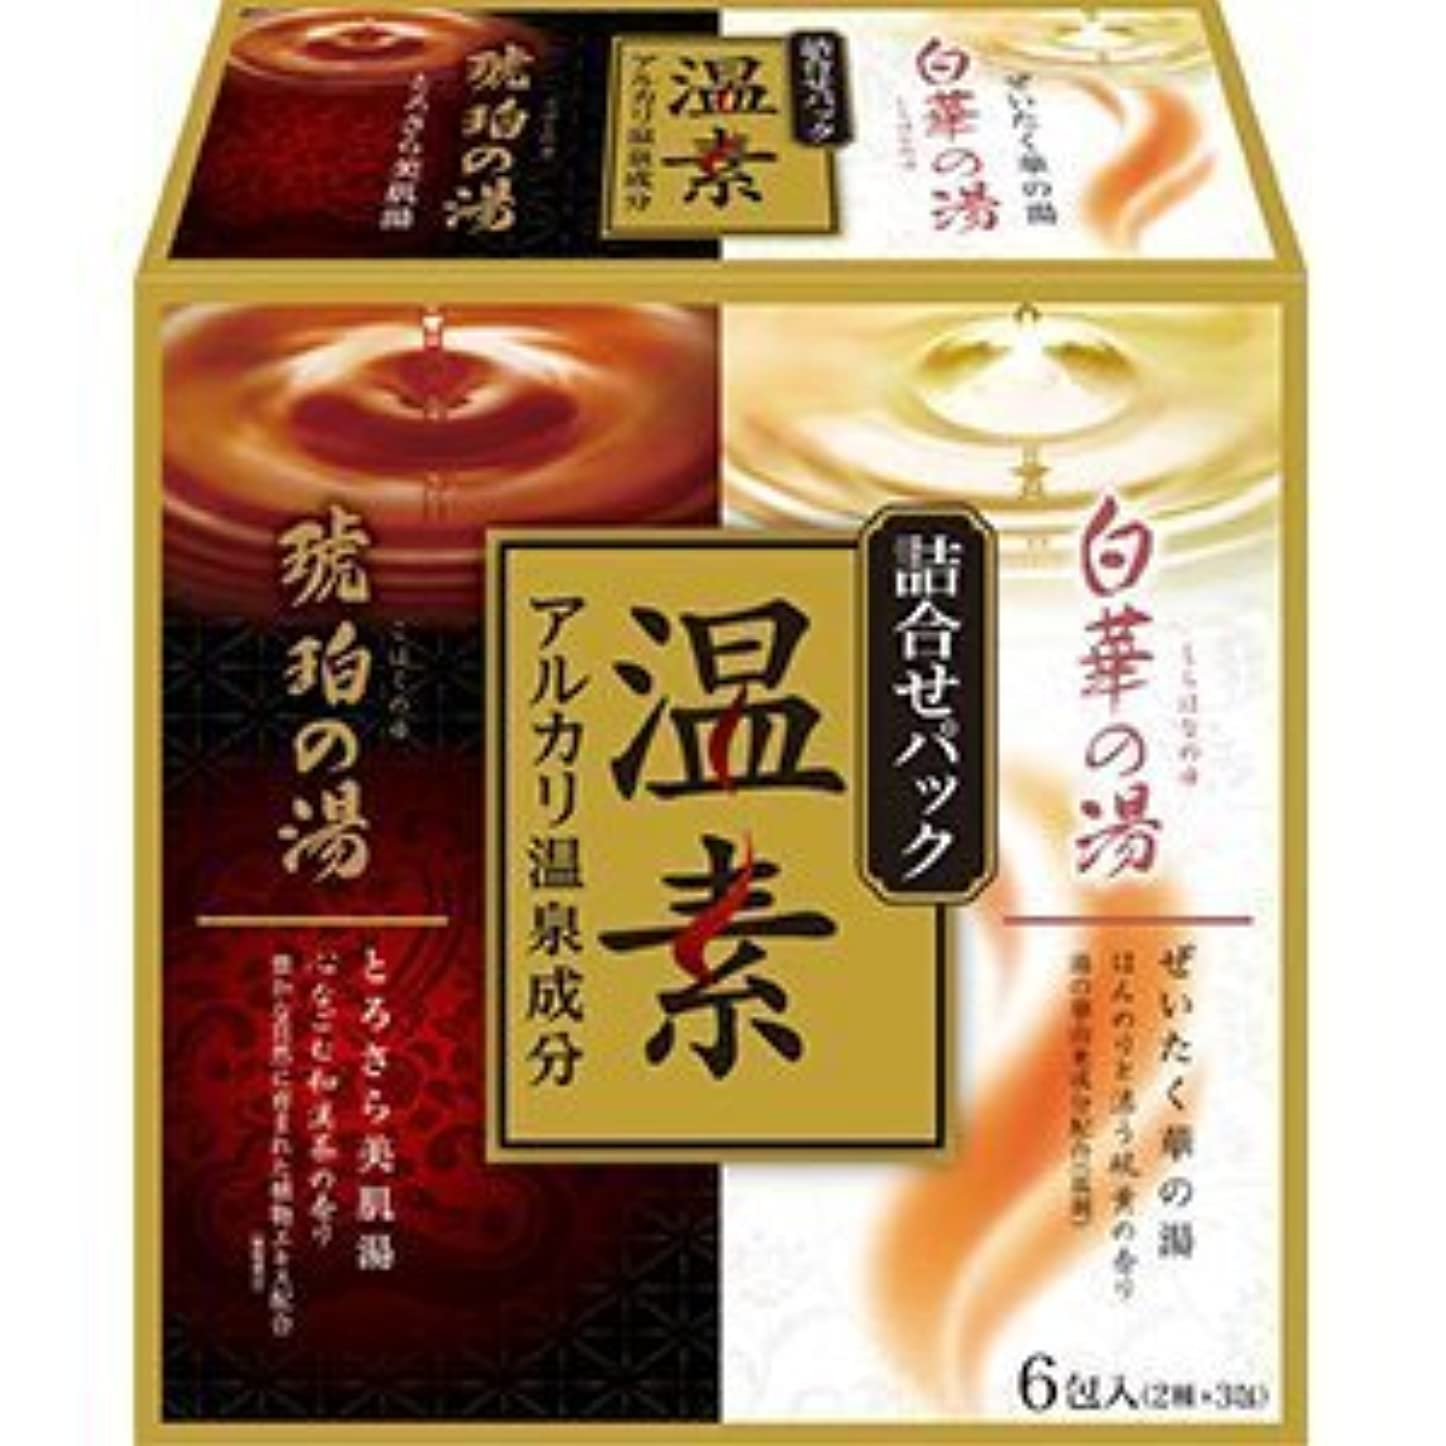 ゆるいり非公式温素 琥珀の湯&白華の湯 詰合せパック × 5個セット